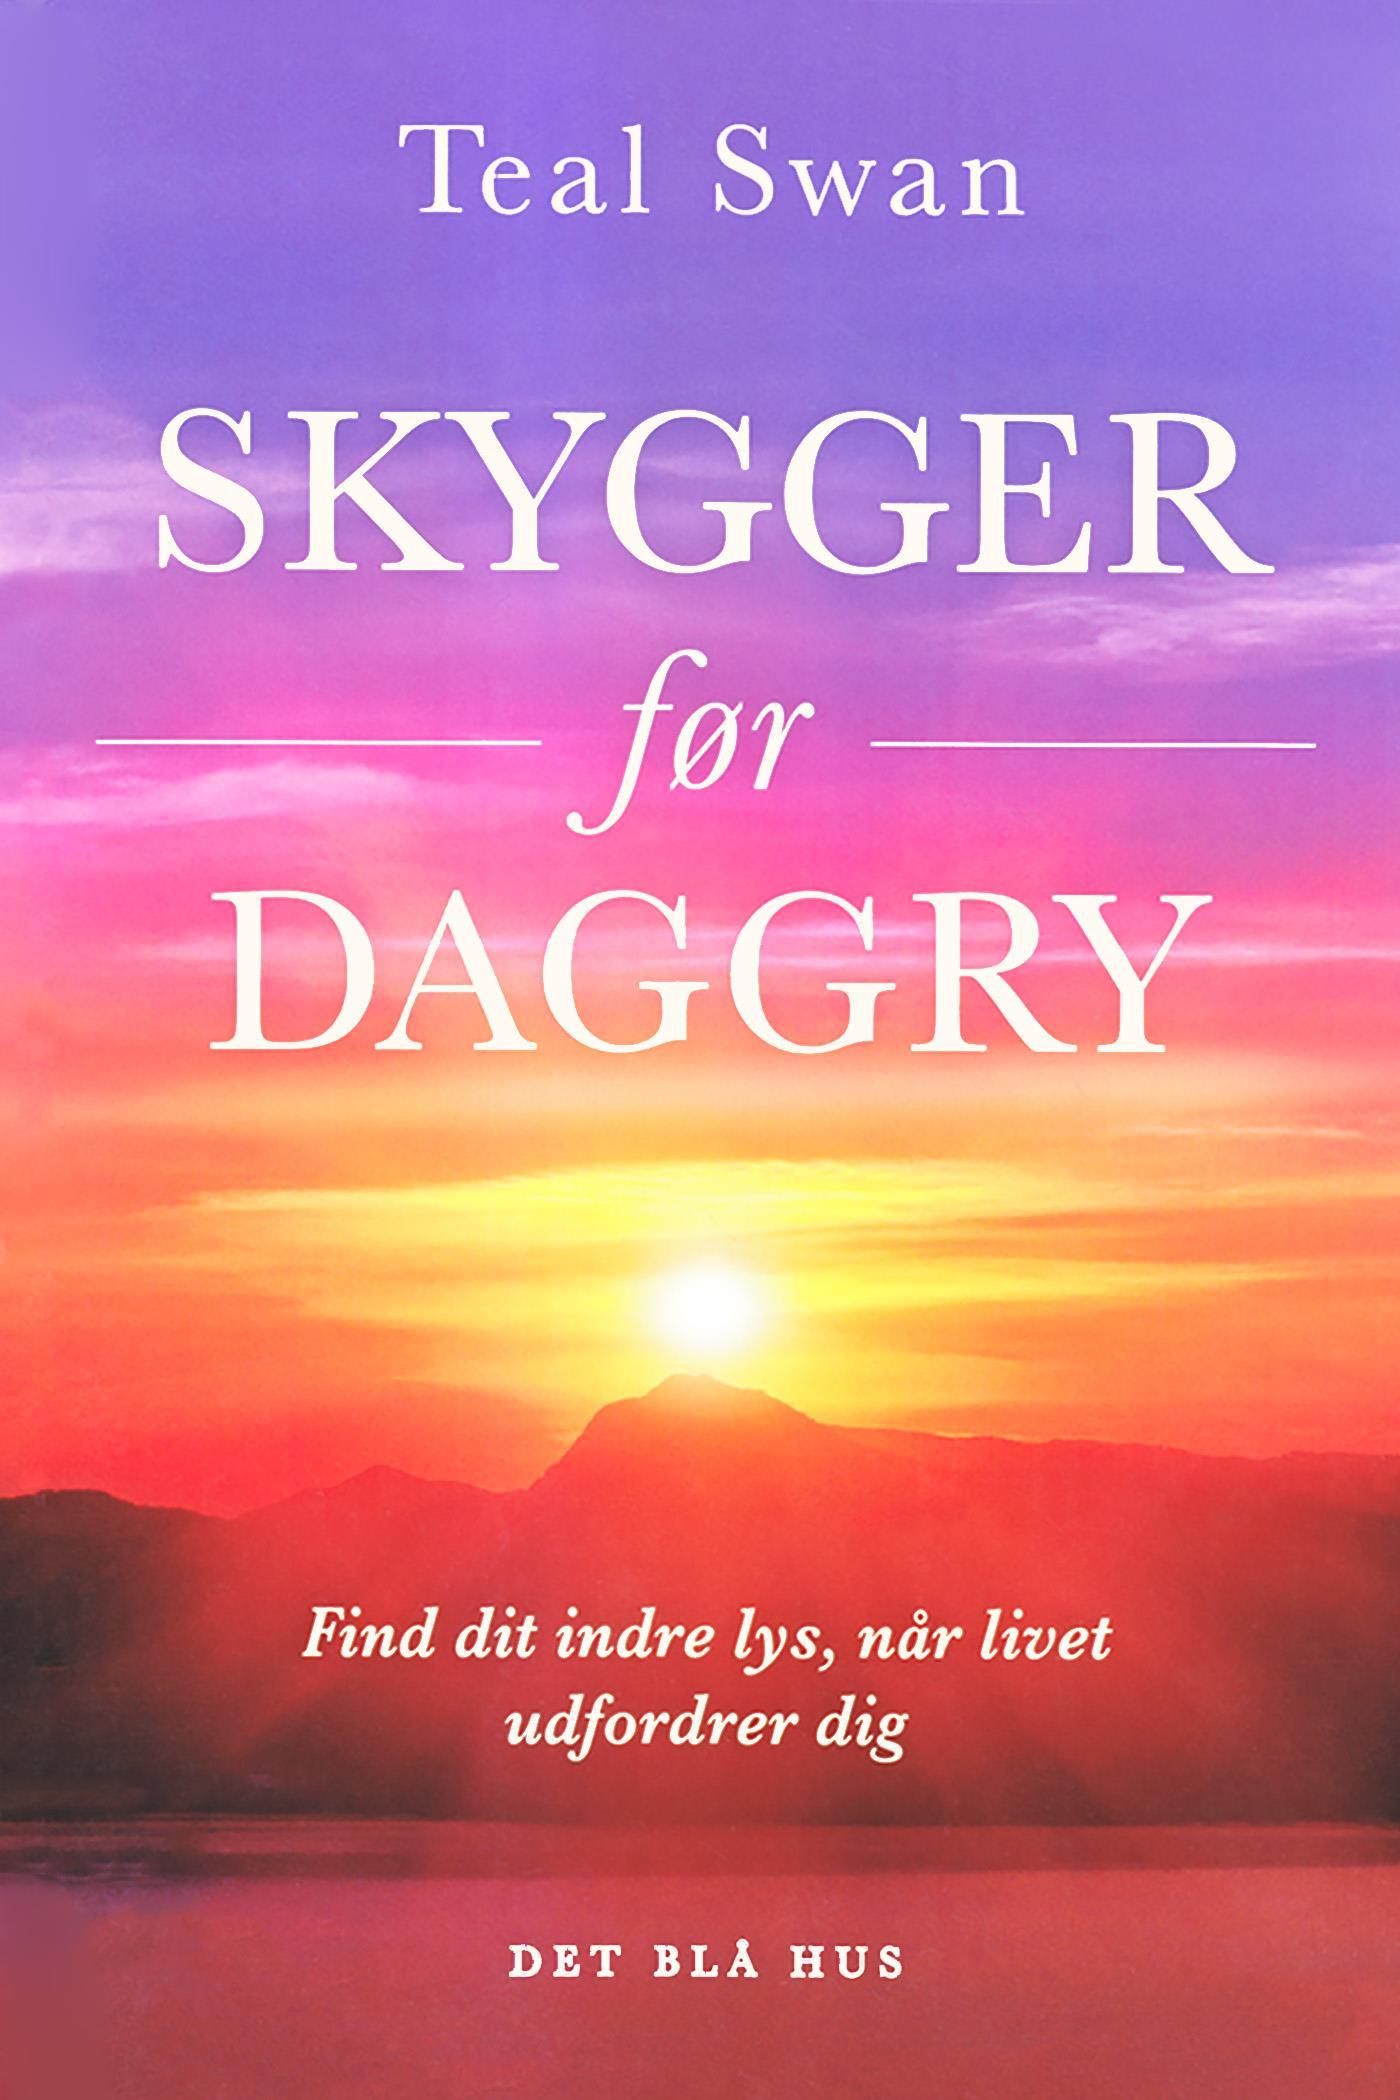 Skygger før daggry - e-bog fra N/A fra bog & mystik